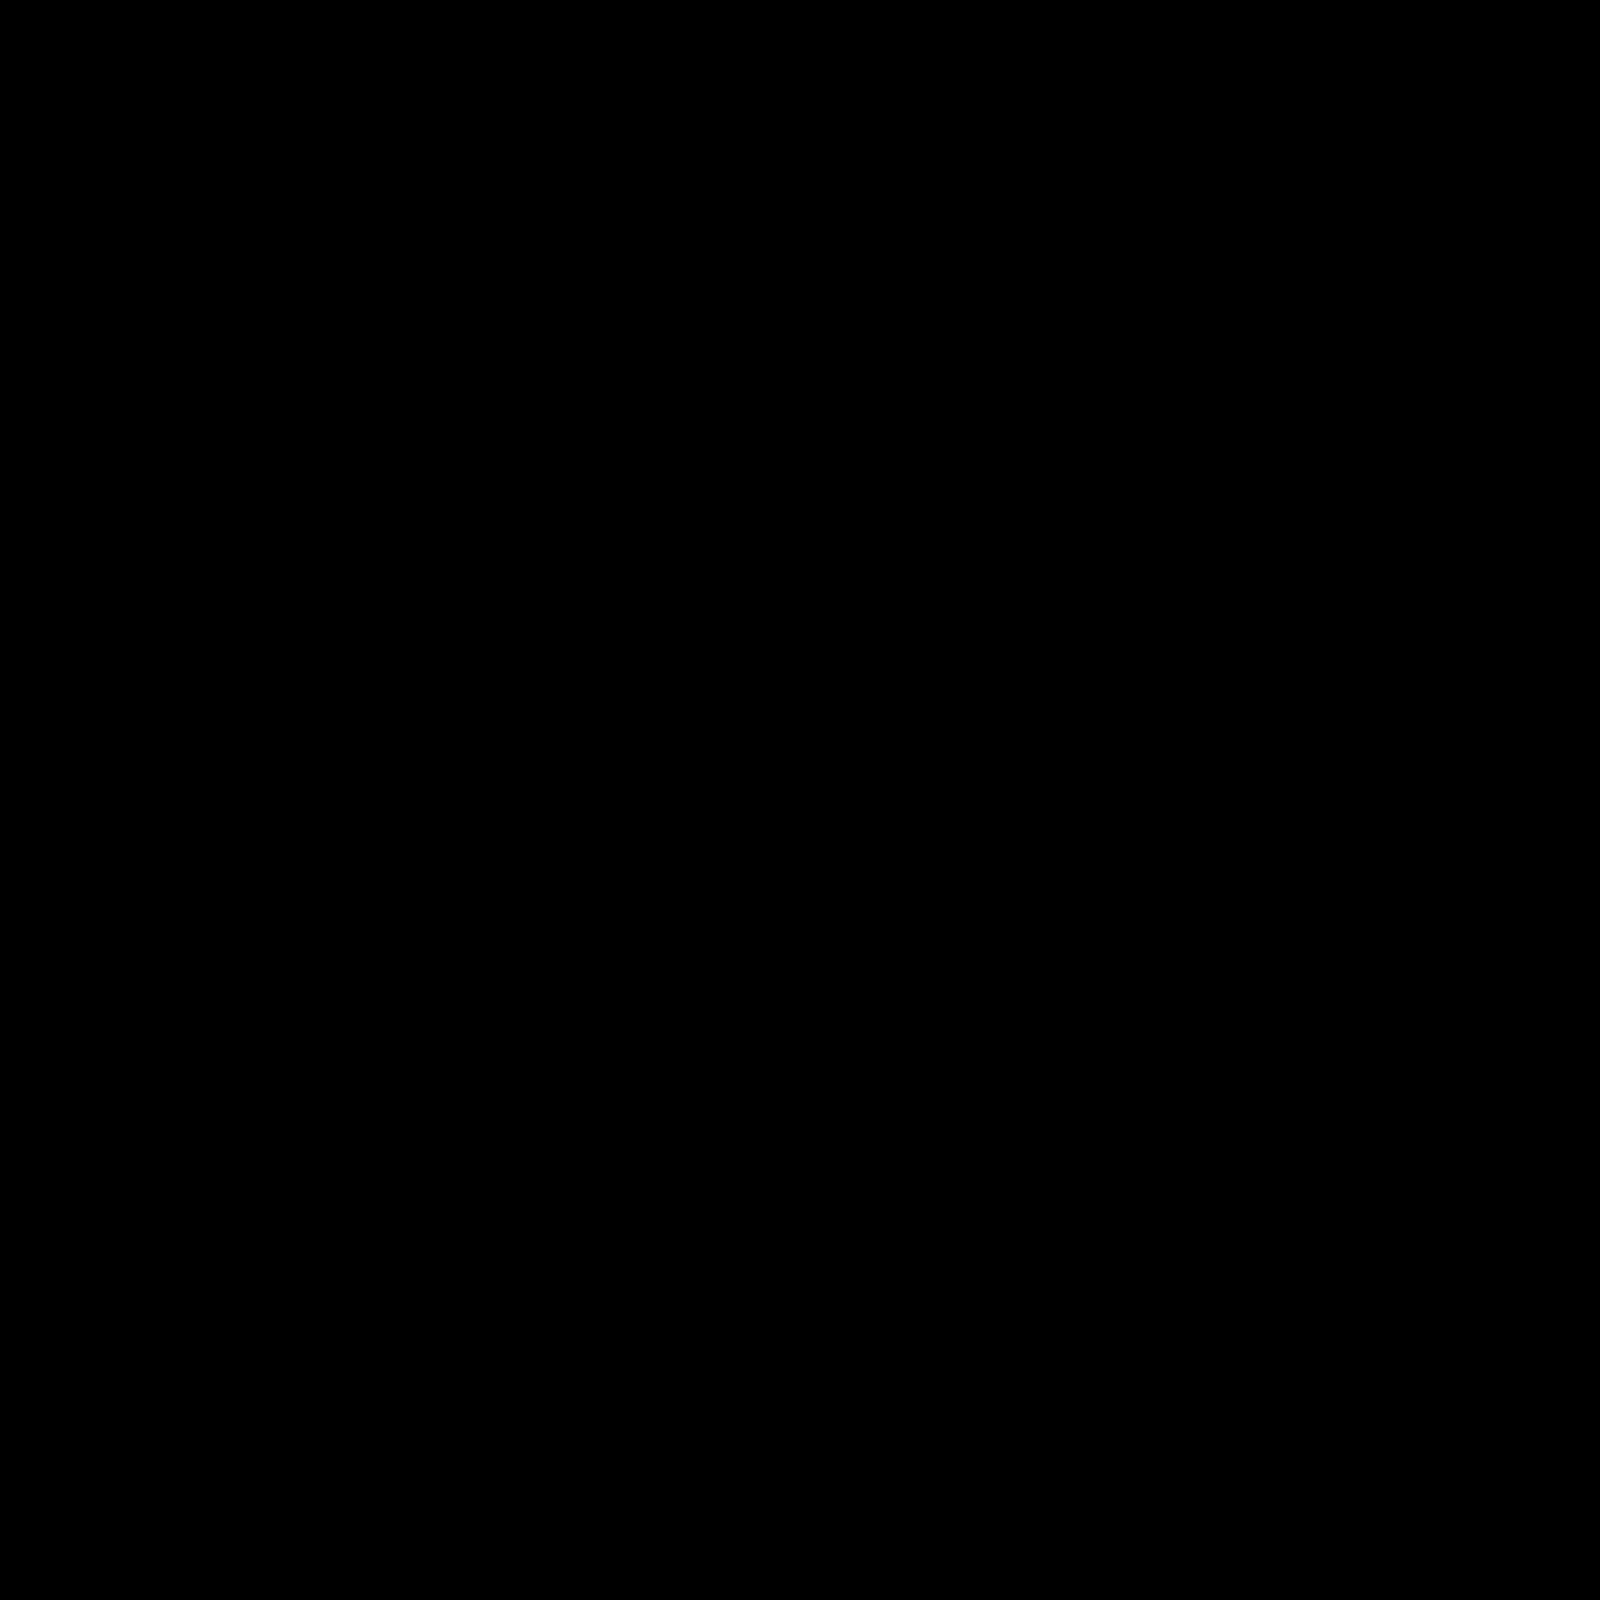 電気 icon. This is an icon for depicting something that is electrical. The image is of a plug with the plug the main focus. The wire is small and cutoff on the bottom left of the picture. The plug has two prongs.